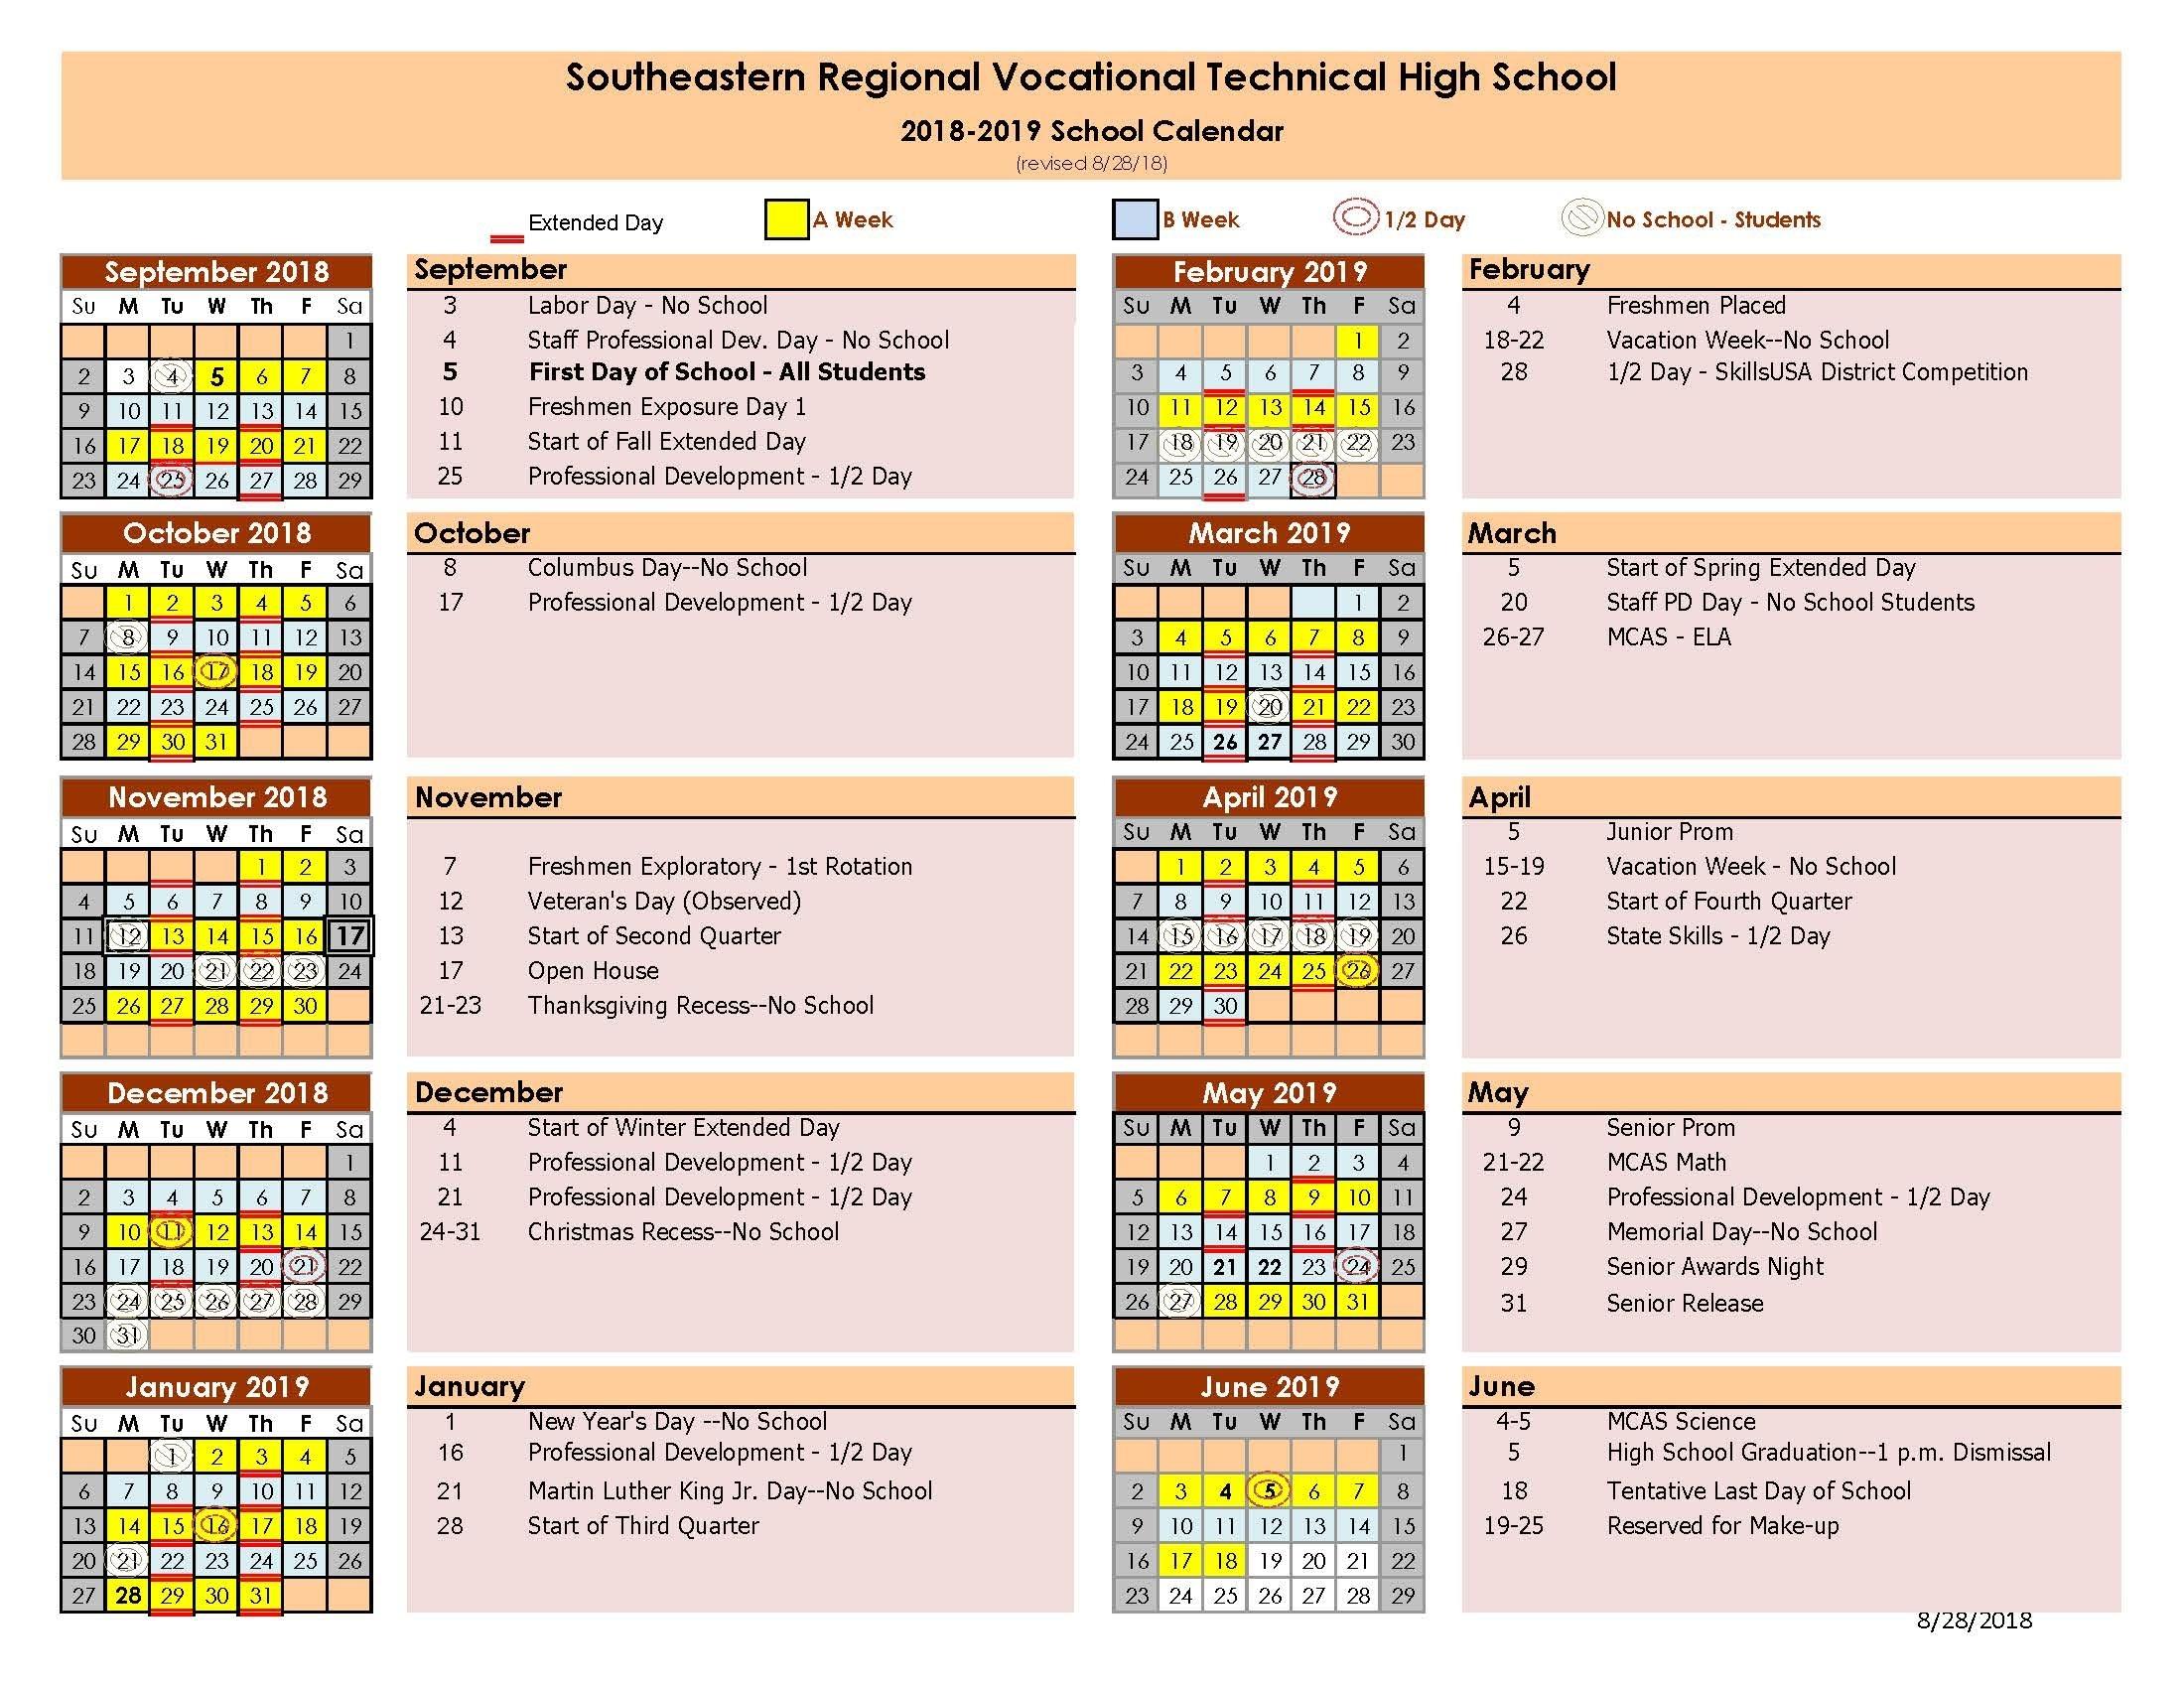 School Day Calendar | Southeastern Regional_Region 9 School Calendar